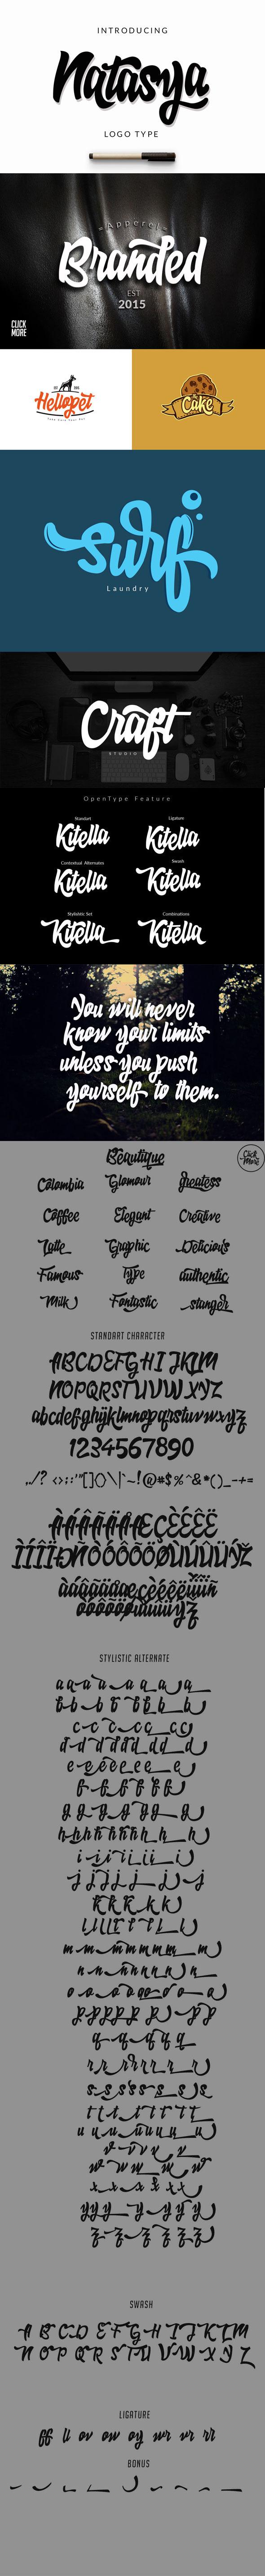 Natasya ( Logo Type ) - Hand-writing Script